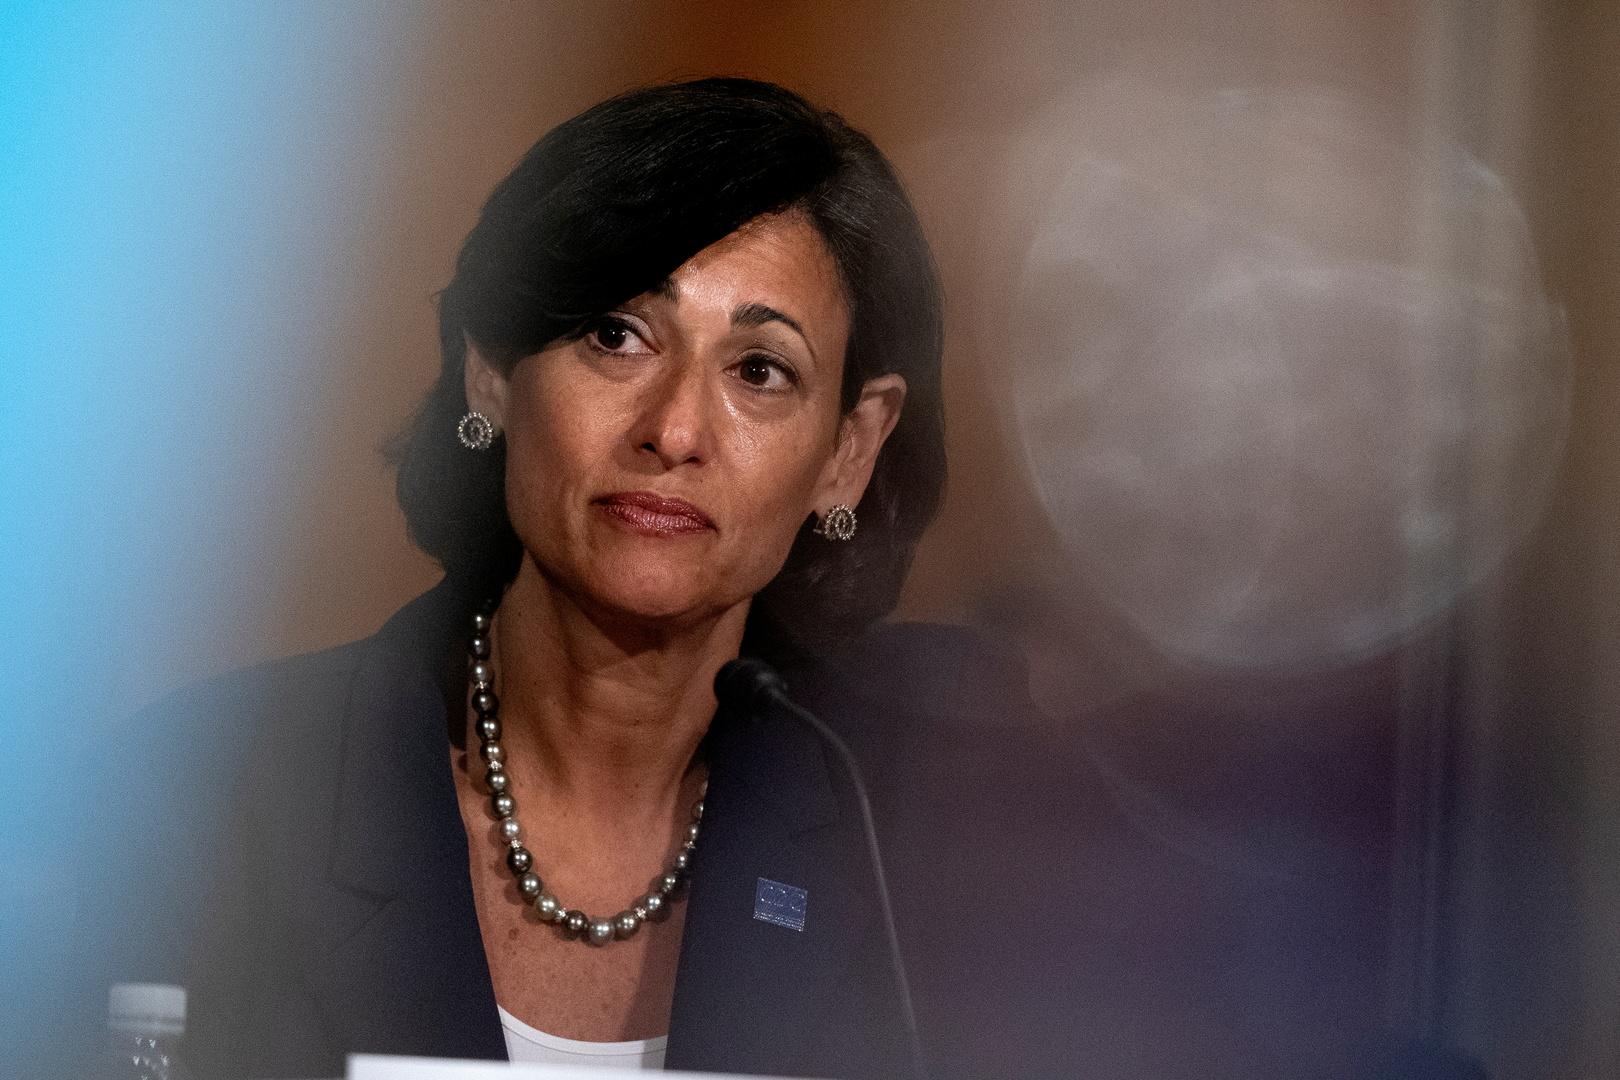 روشيل فالينسكي، رئيسة مركز السيطرة على الأمراض والوقاية منها في الولايات المتحدة